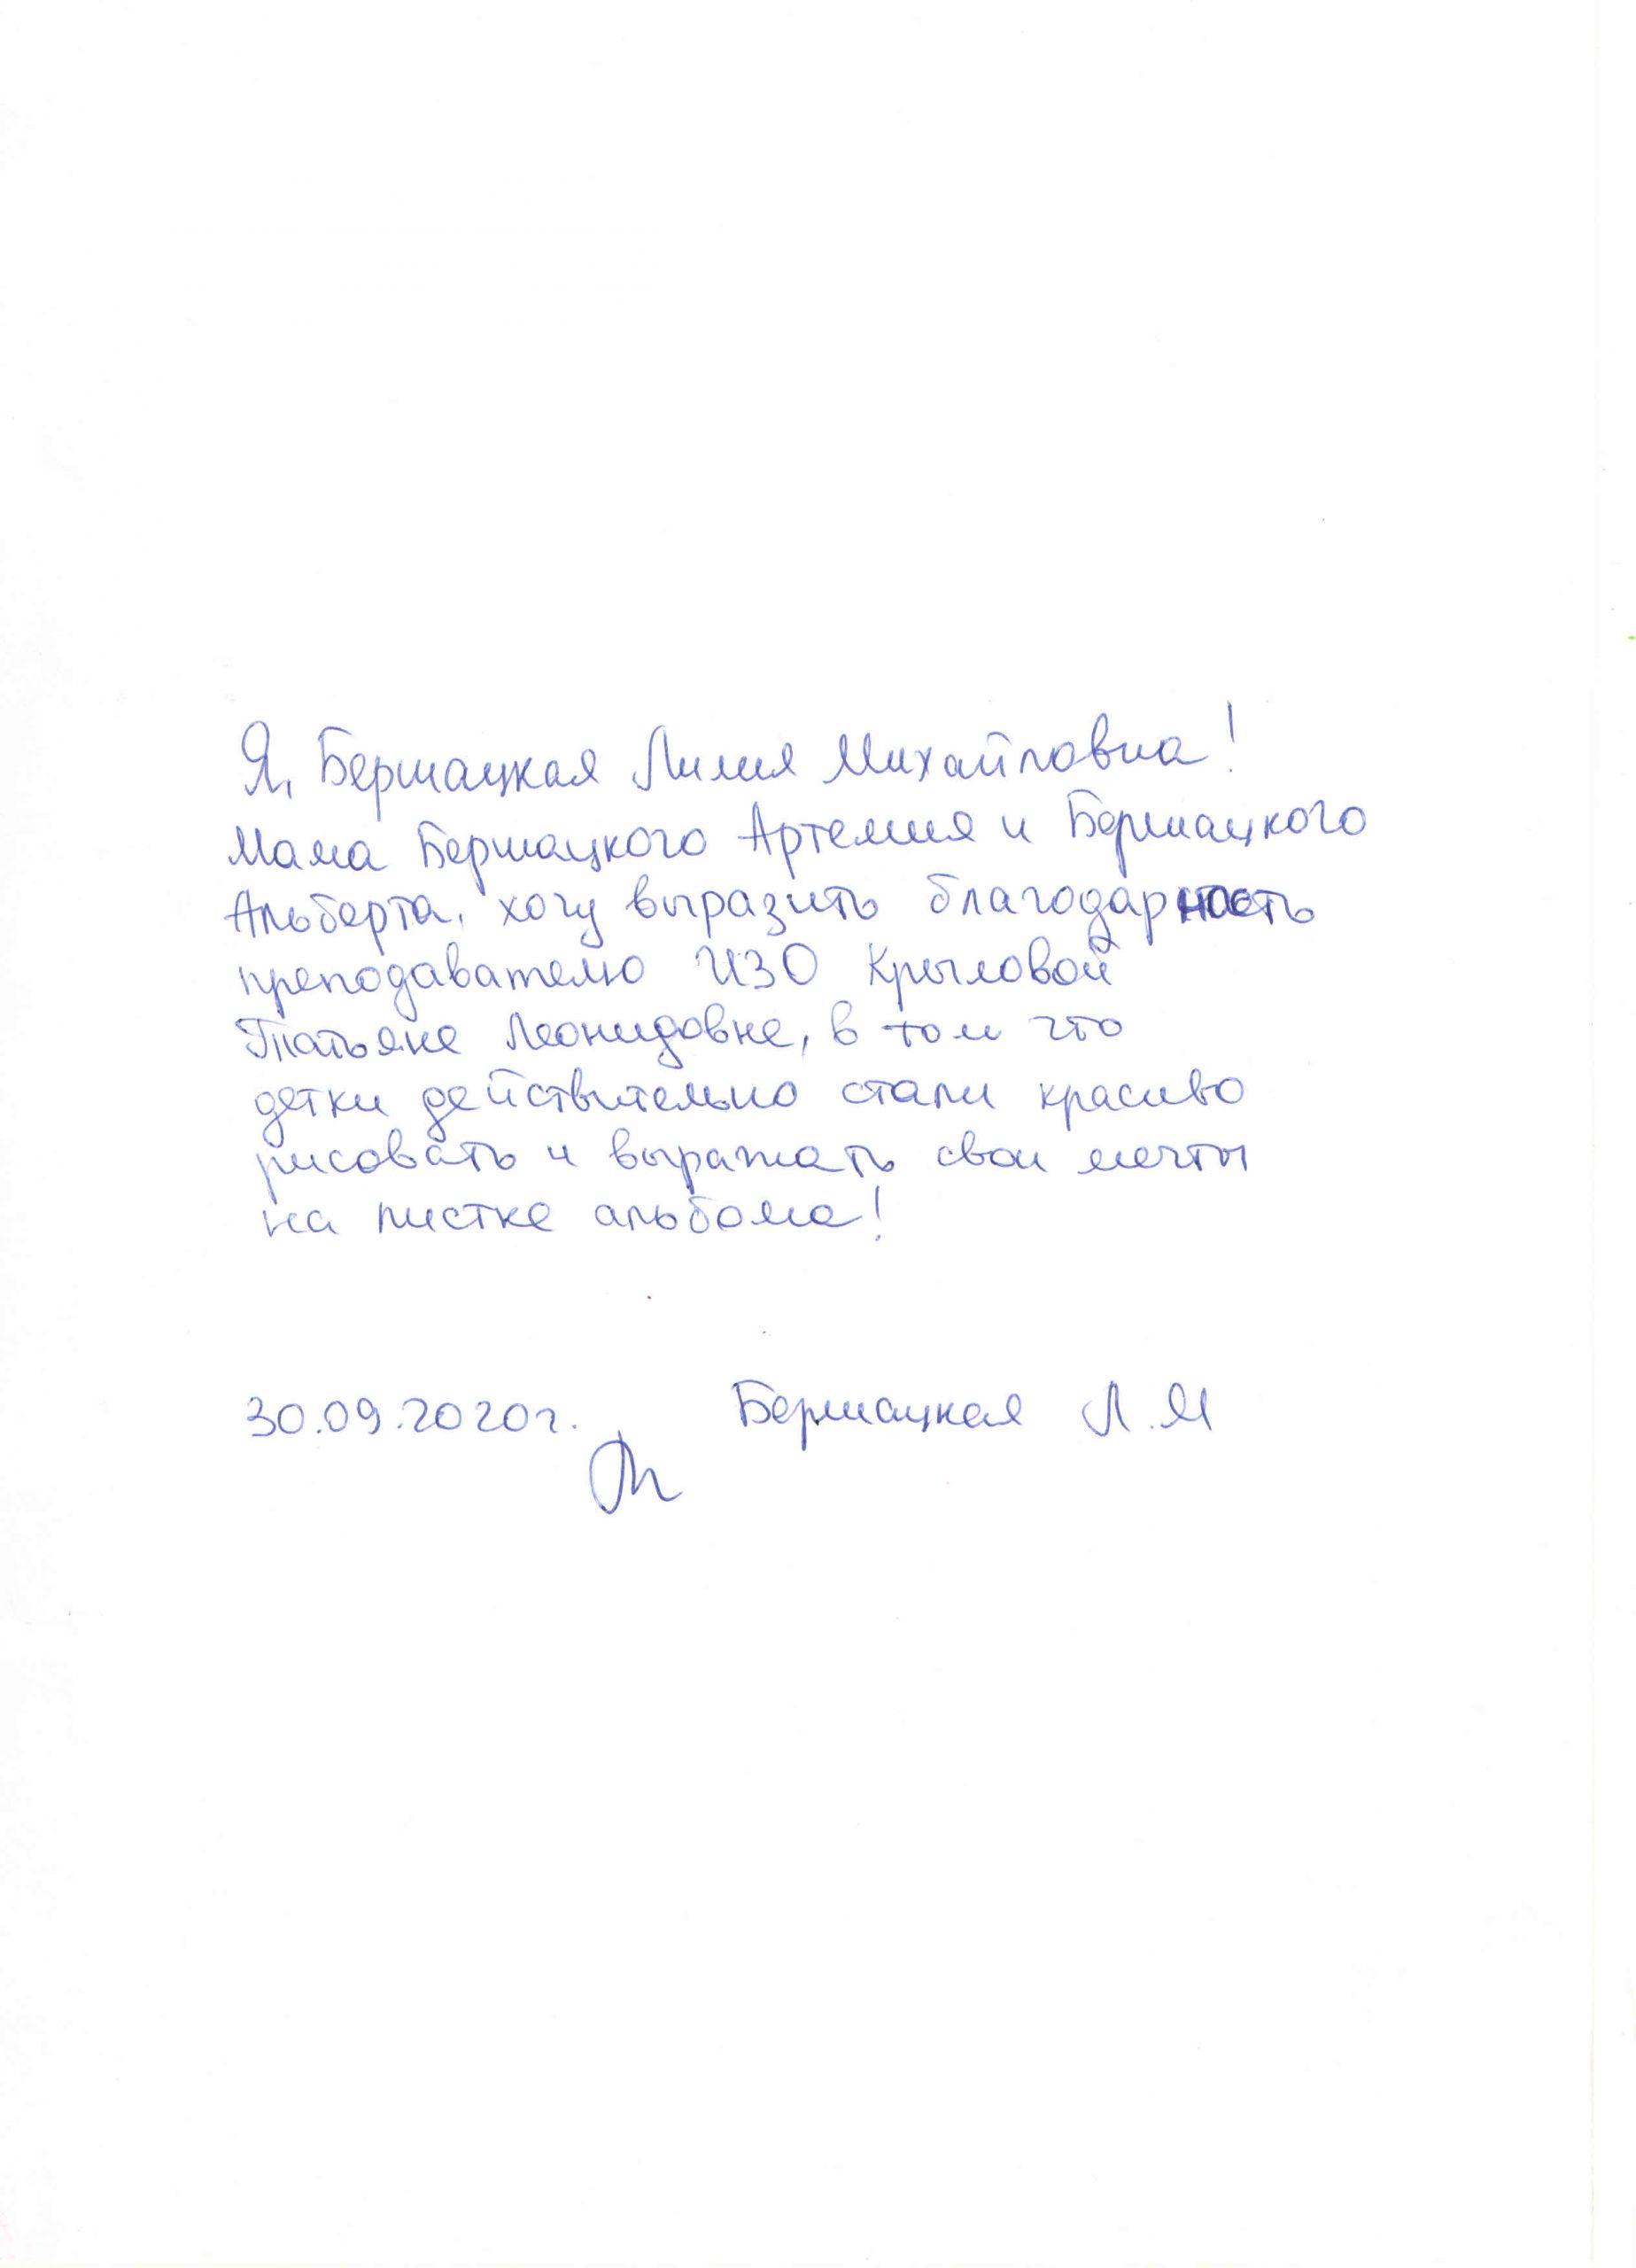 Крылова 30.09.2020